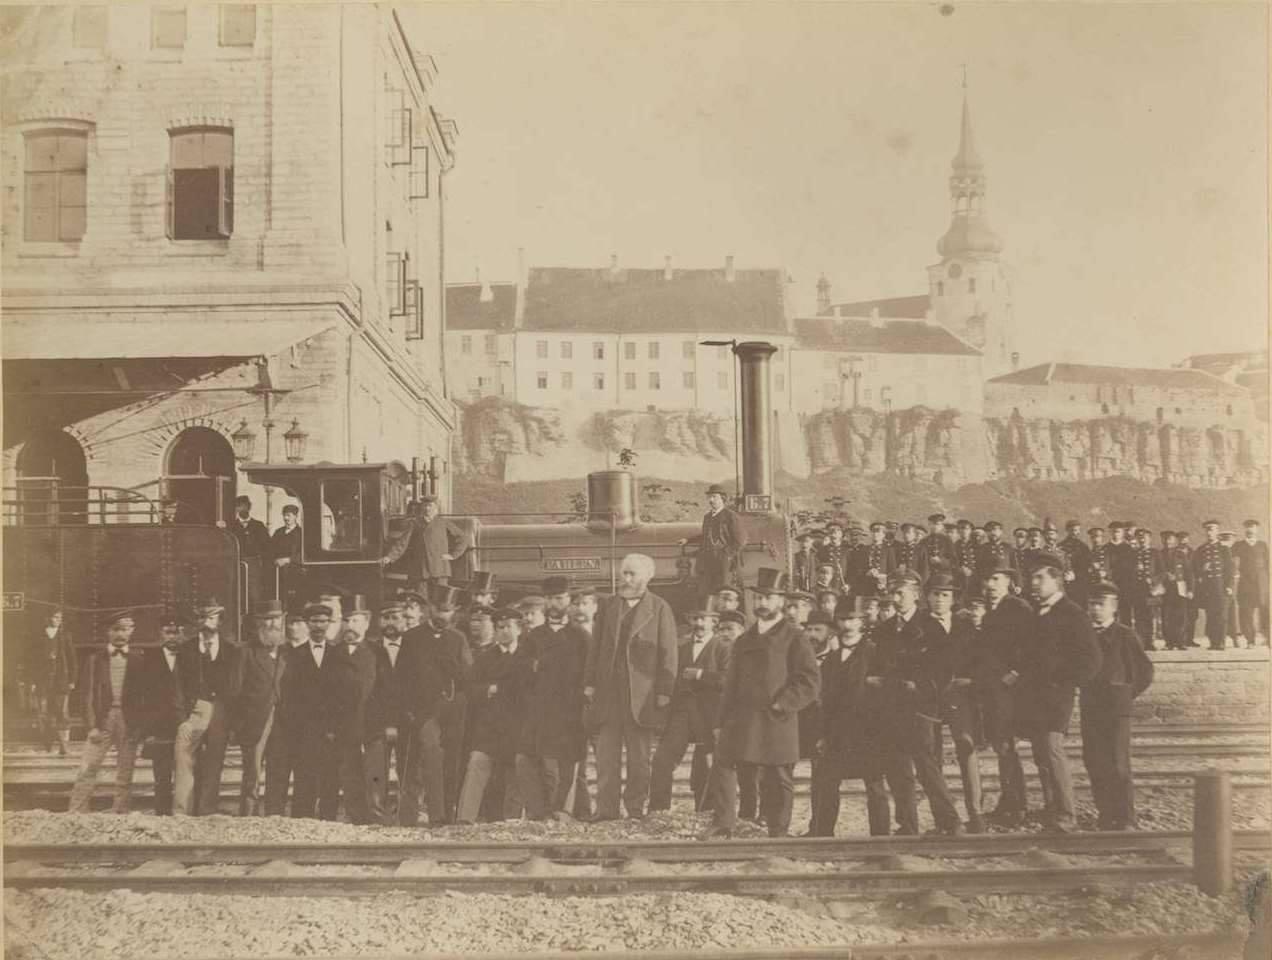 Барон Александр фон дер Пален и служащие Балтийской железной дороги на перроне вокзала в Ревеле. Снимок 1870-ых годов.